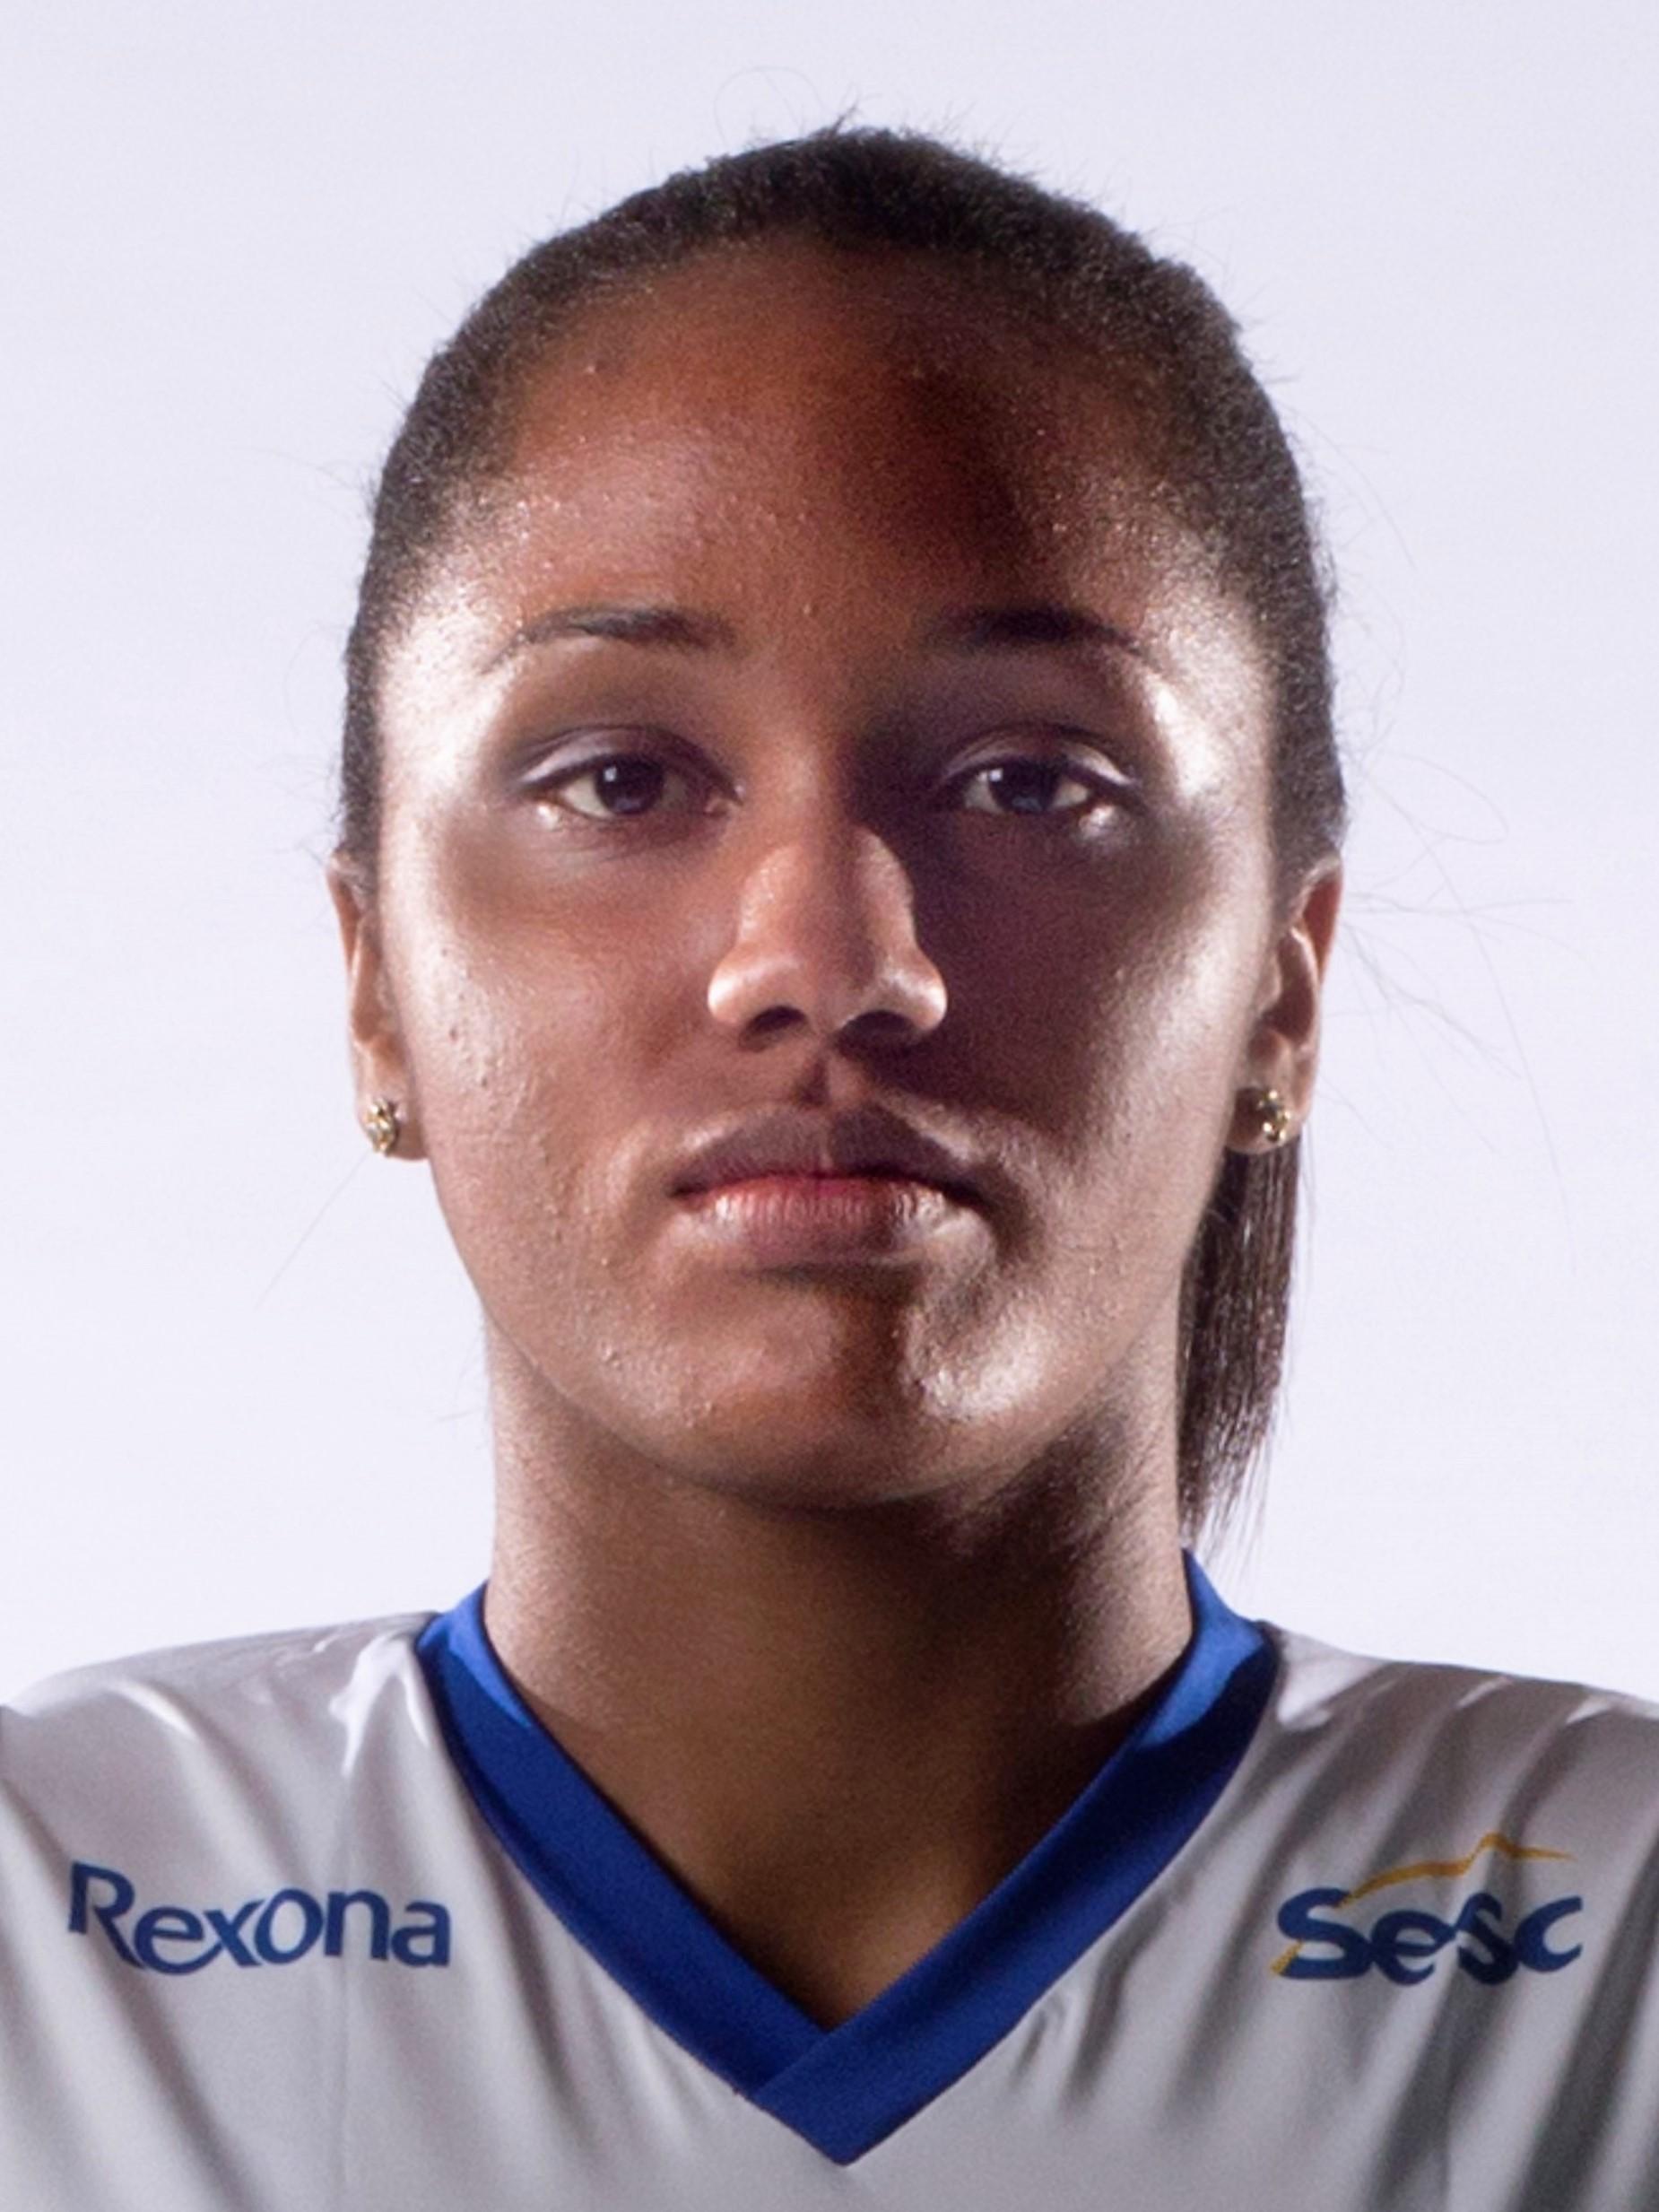 Mikaella Da Silva Costa